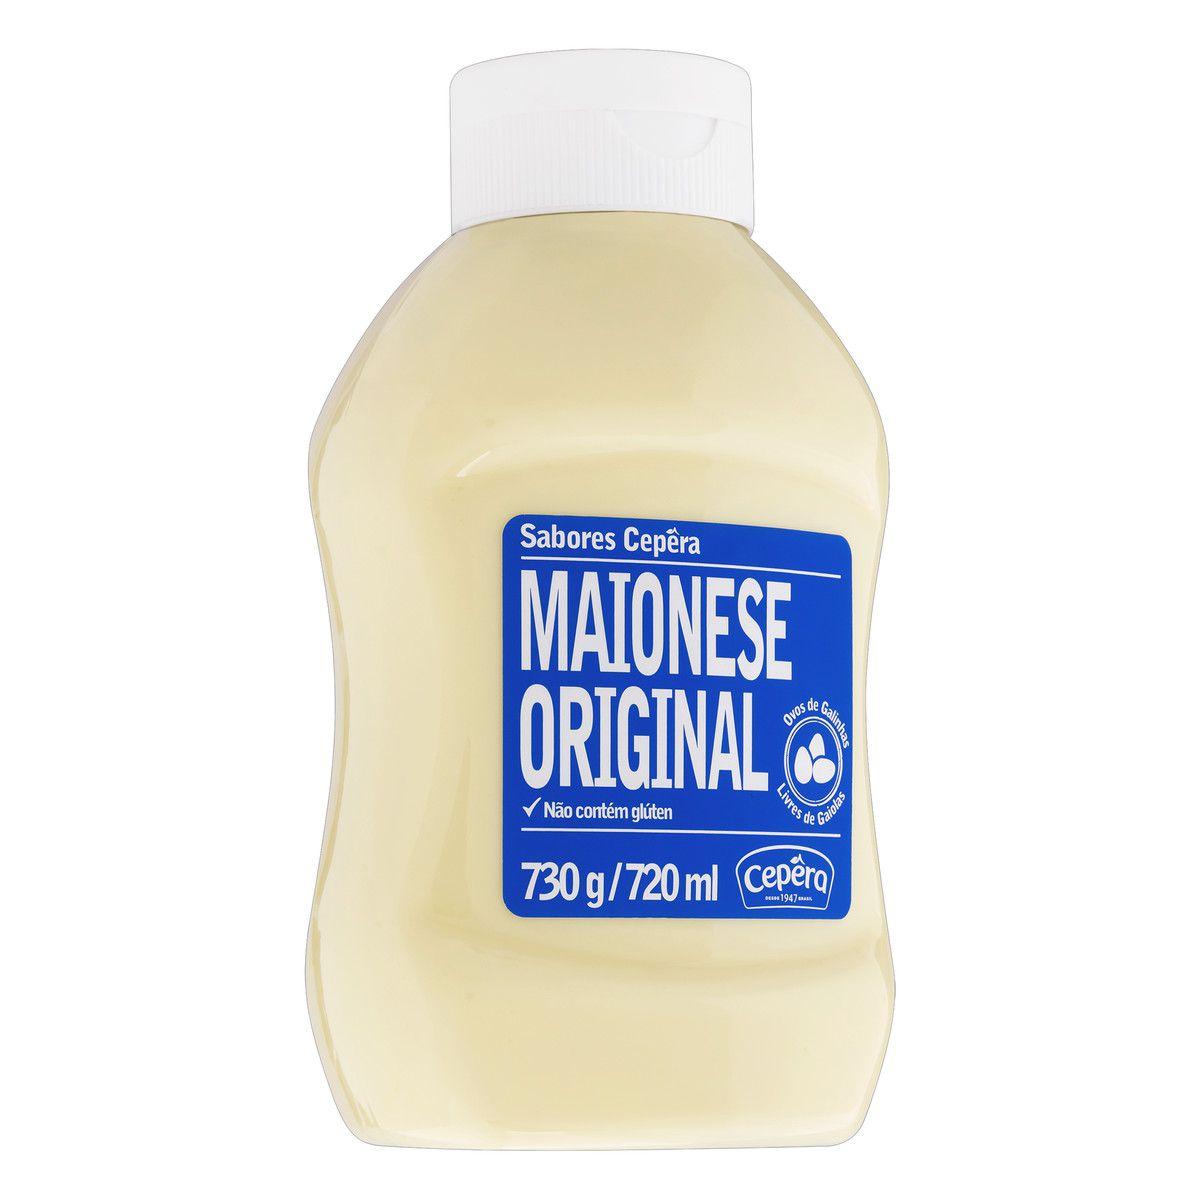 Maionese Original 730g